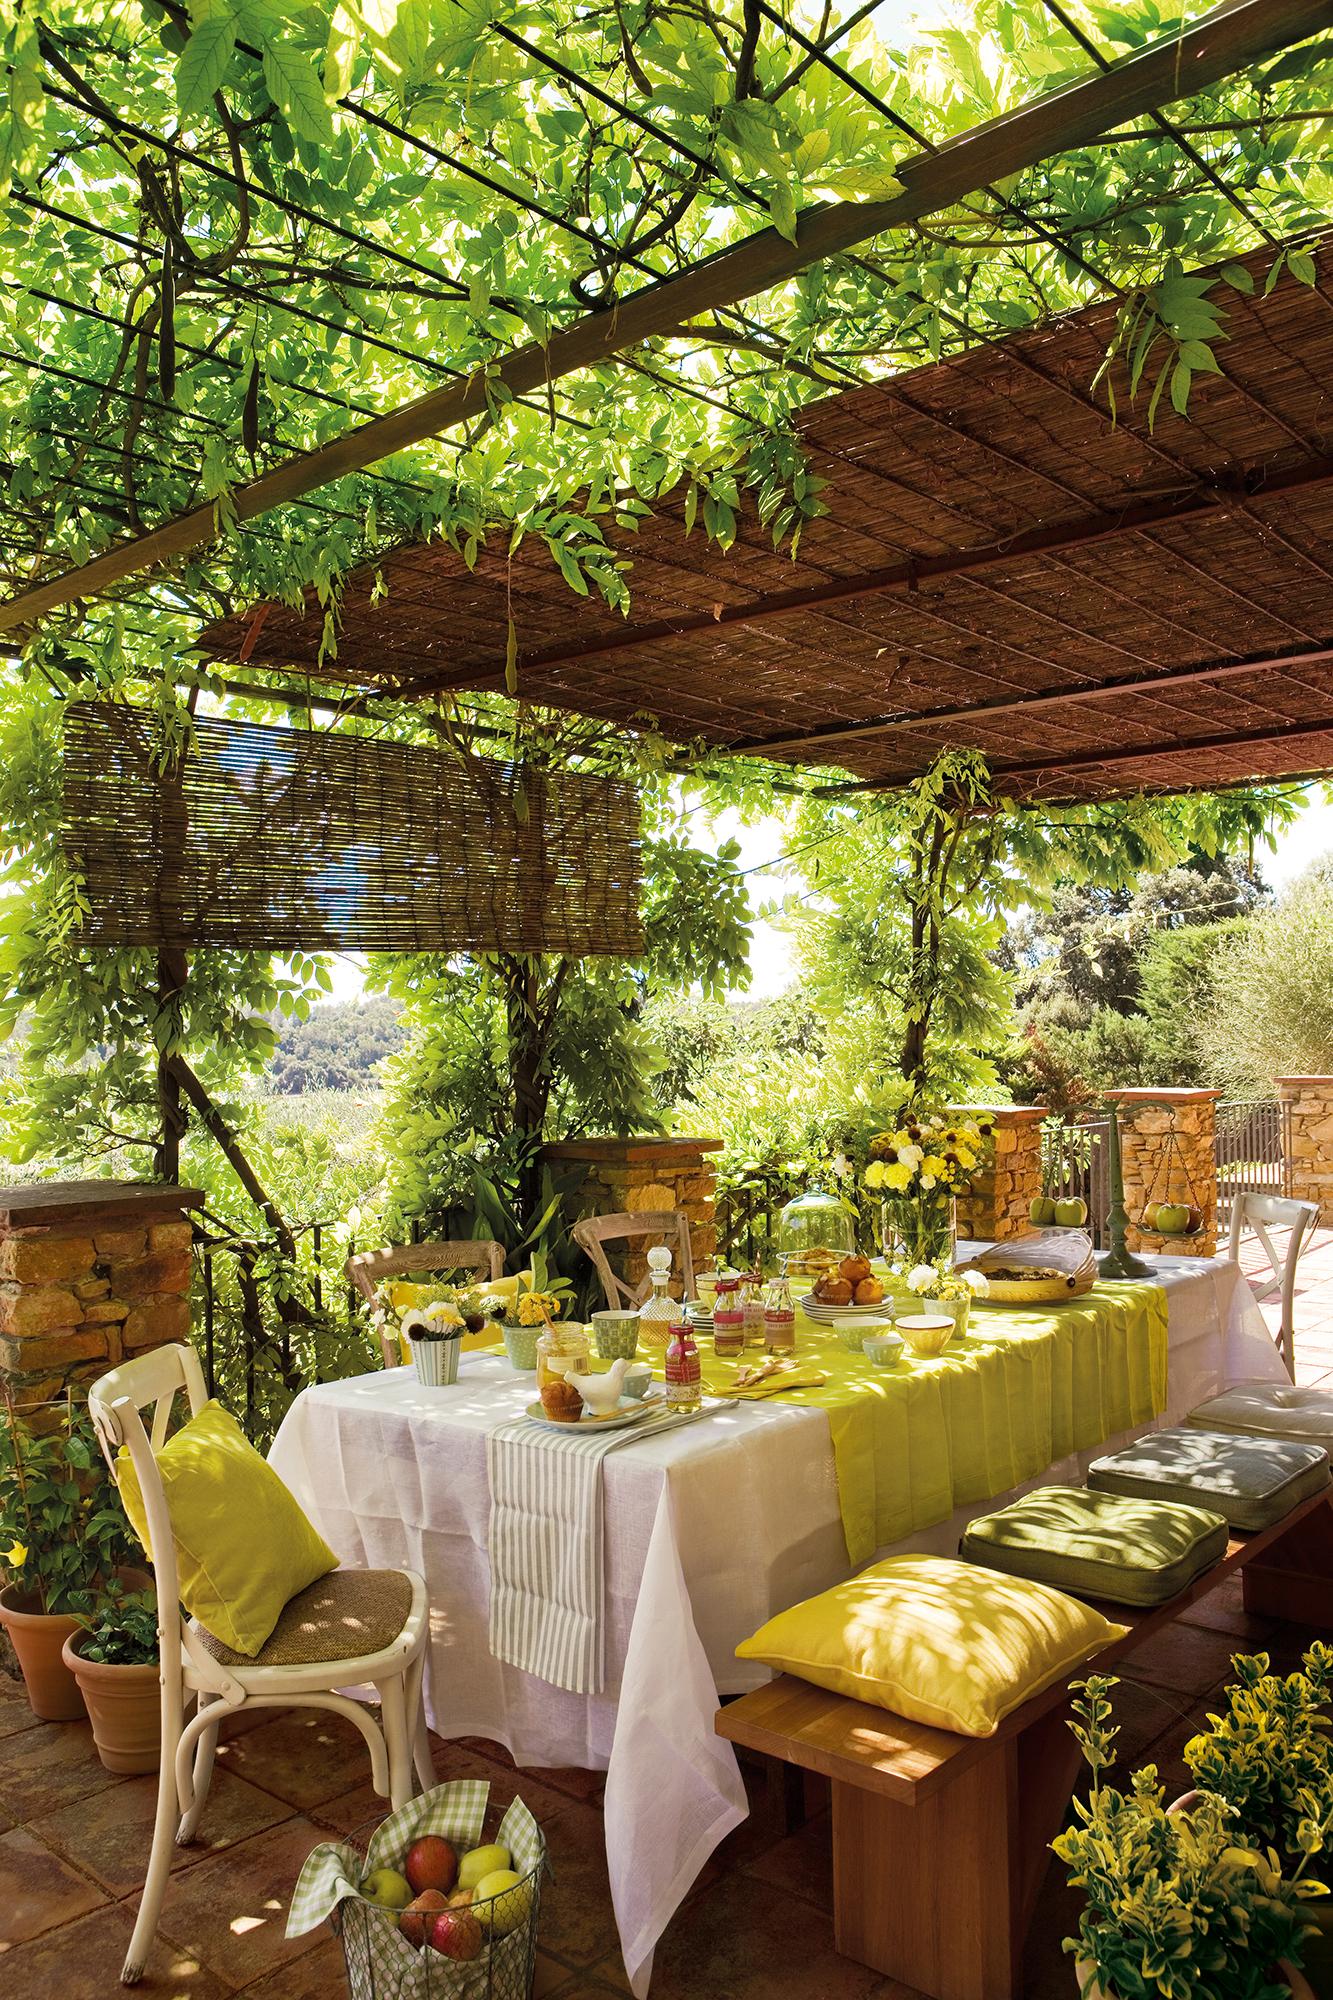 Comedores De Exterior Los 50 Mejores De El Mueble # Muebles Top Garden